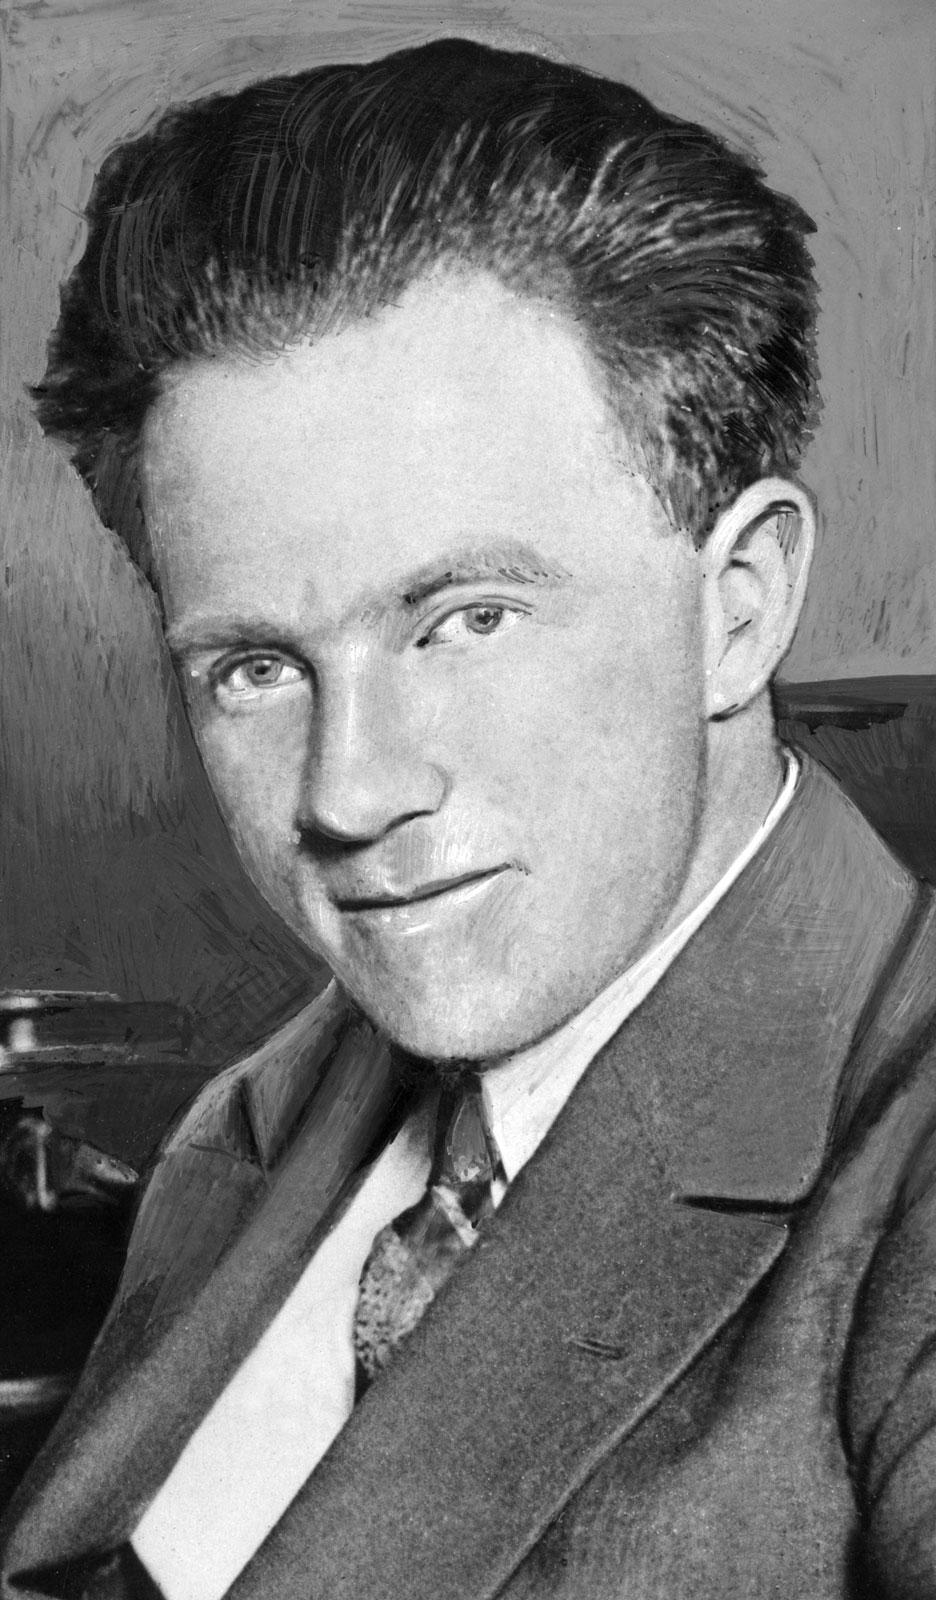 Cosmo-CoDe: Werner Karl Heisenberg : a genius man